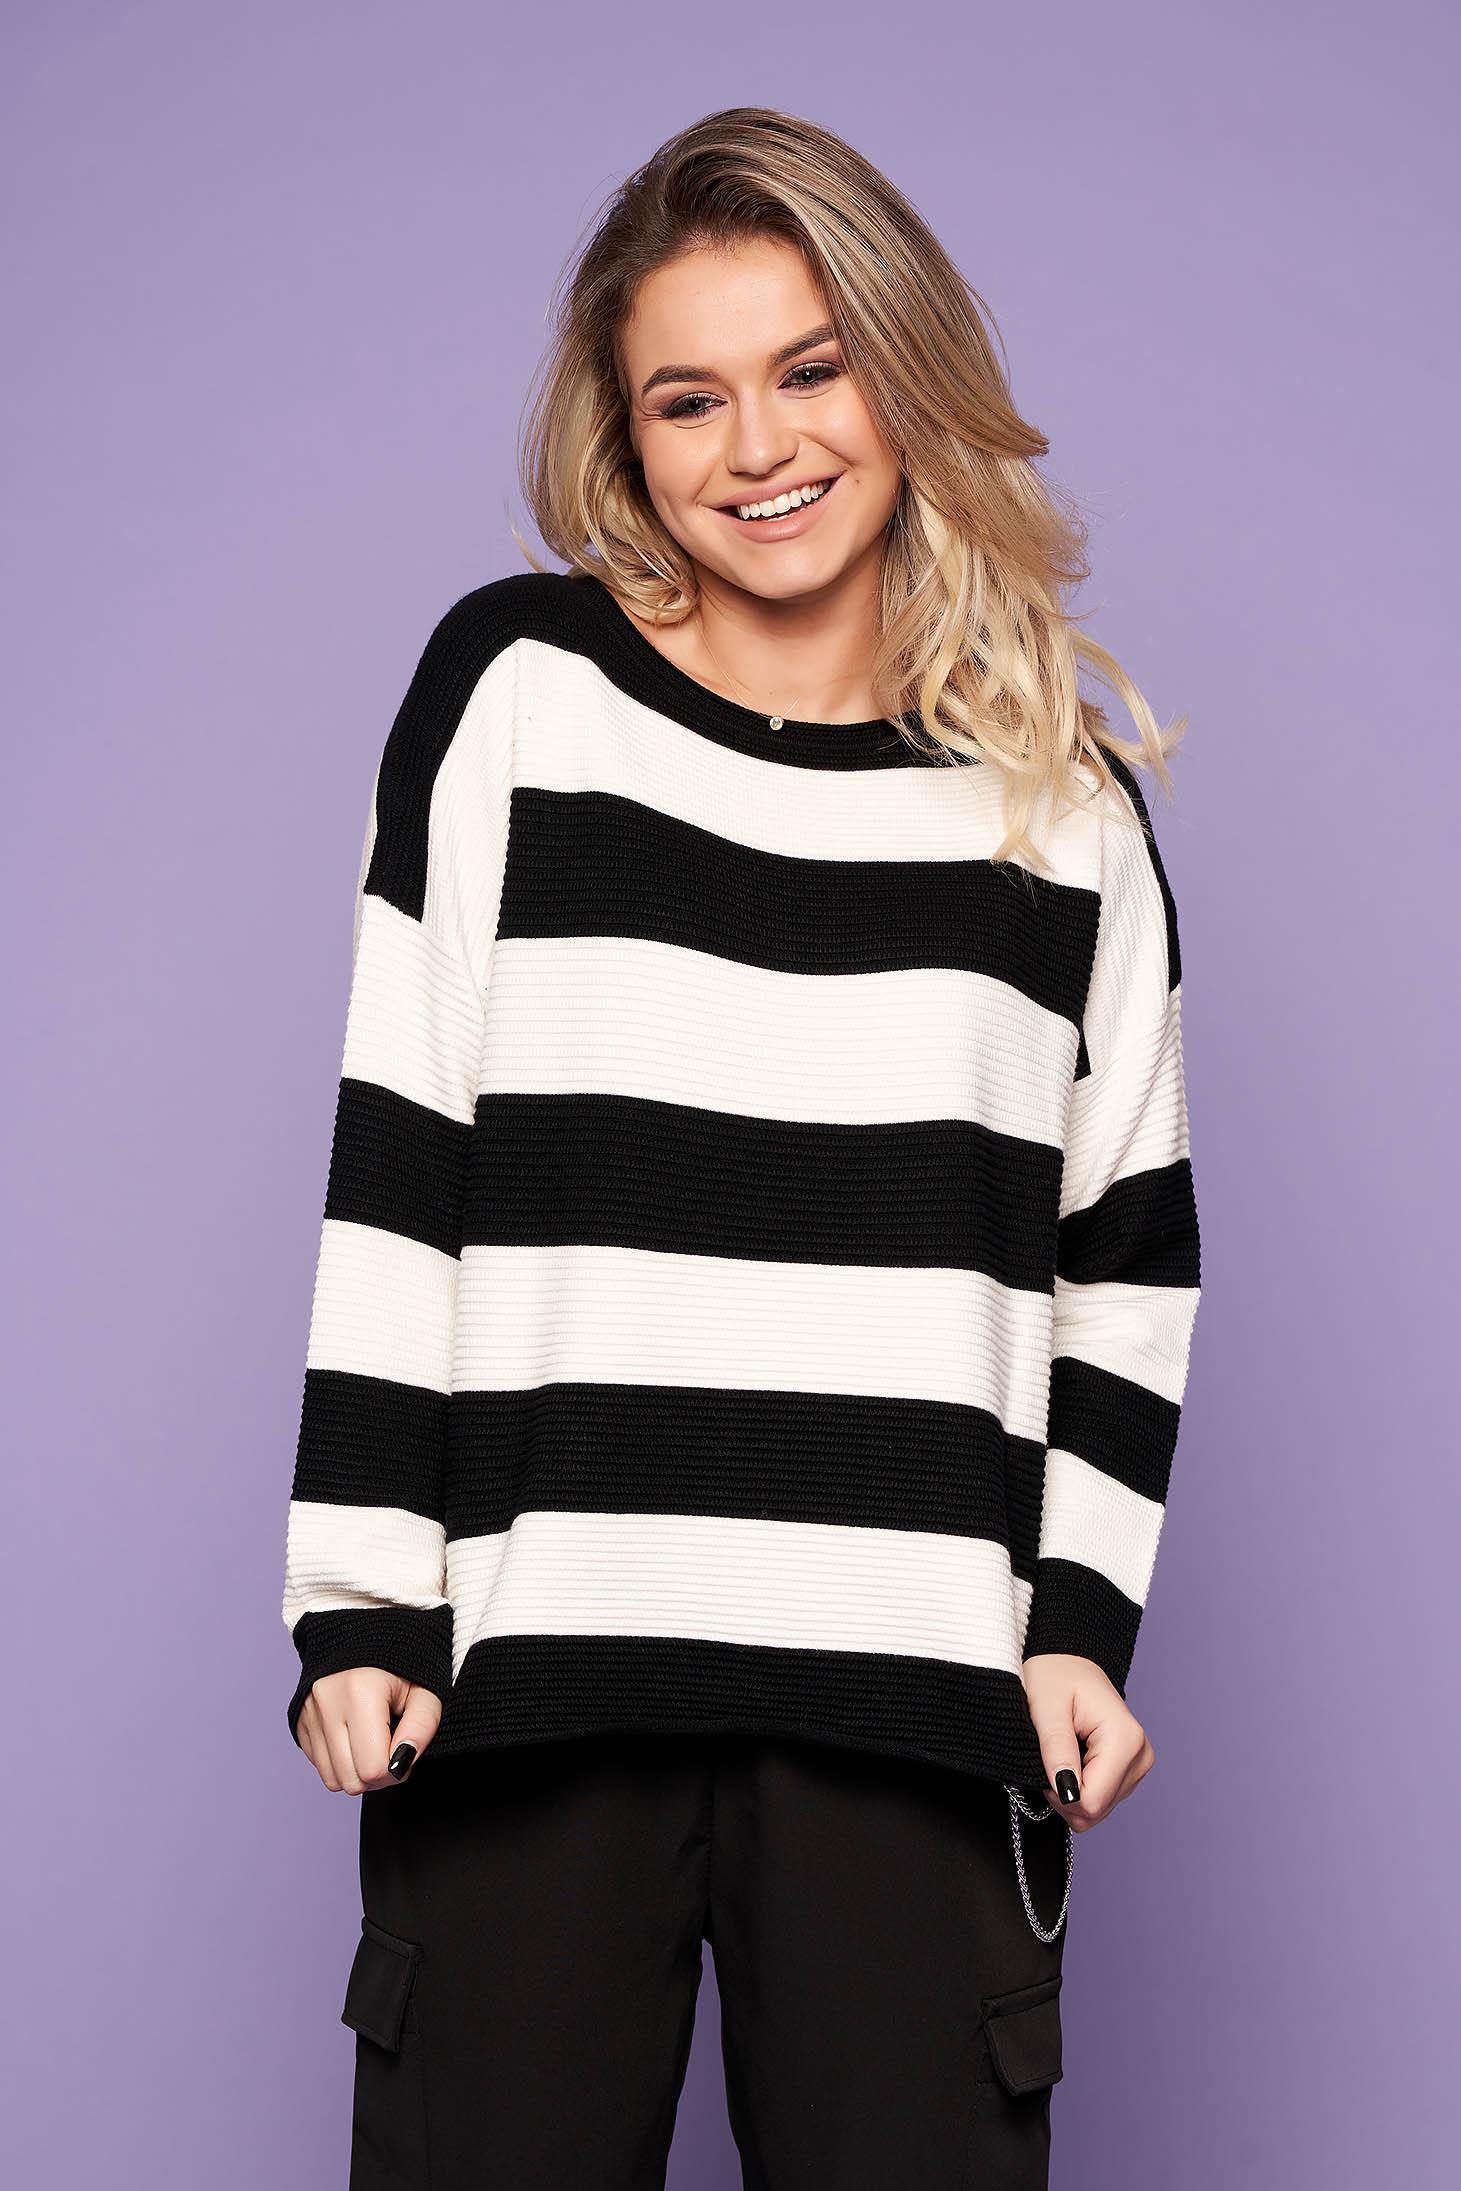 Pulover SunShine negru casual scurt tricotat cu croi larg cu maneci lungi si dungi